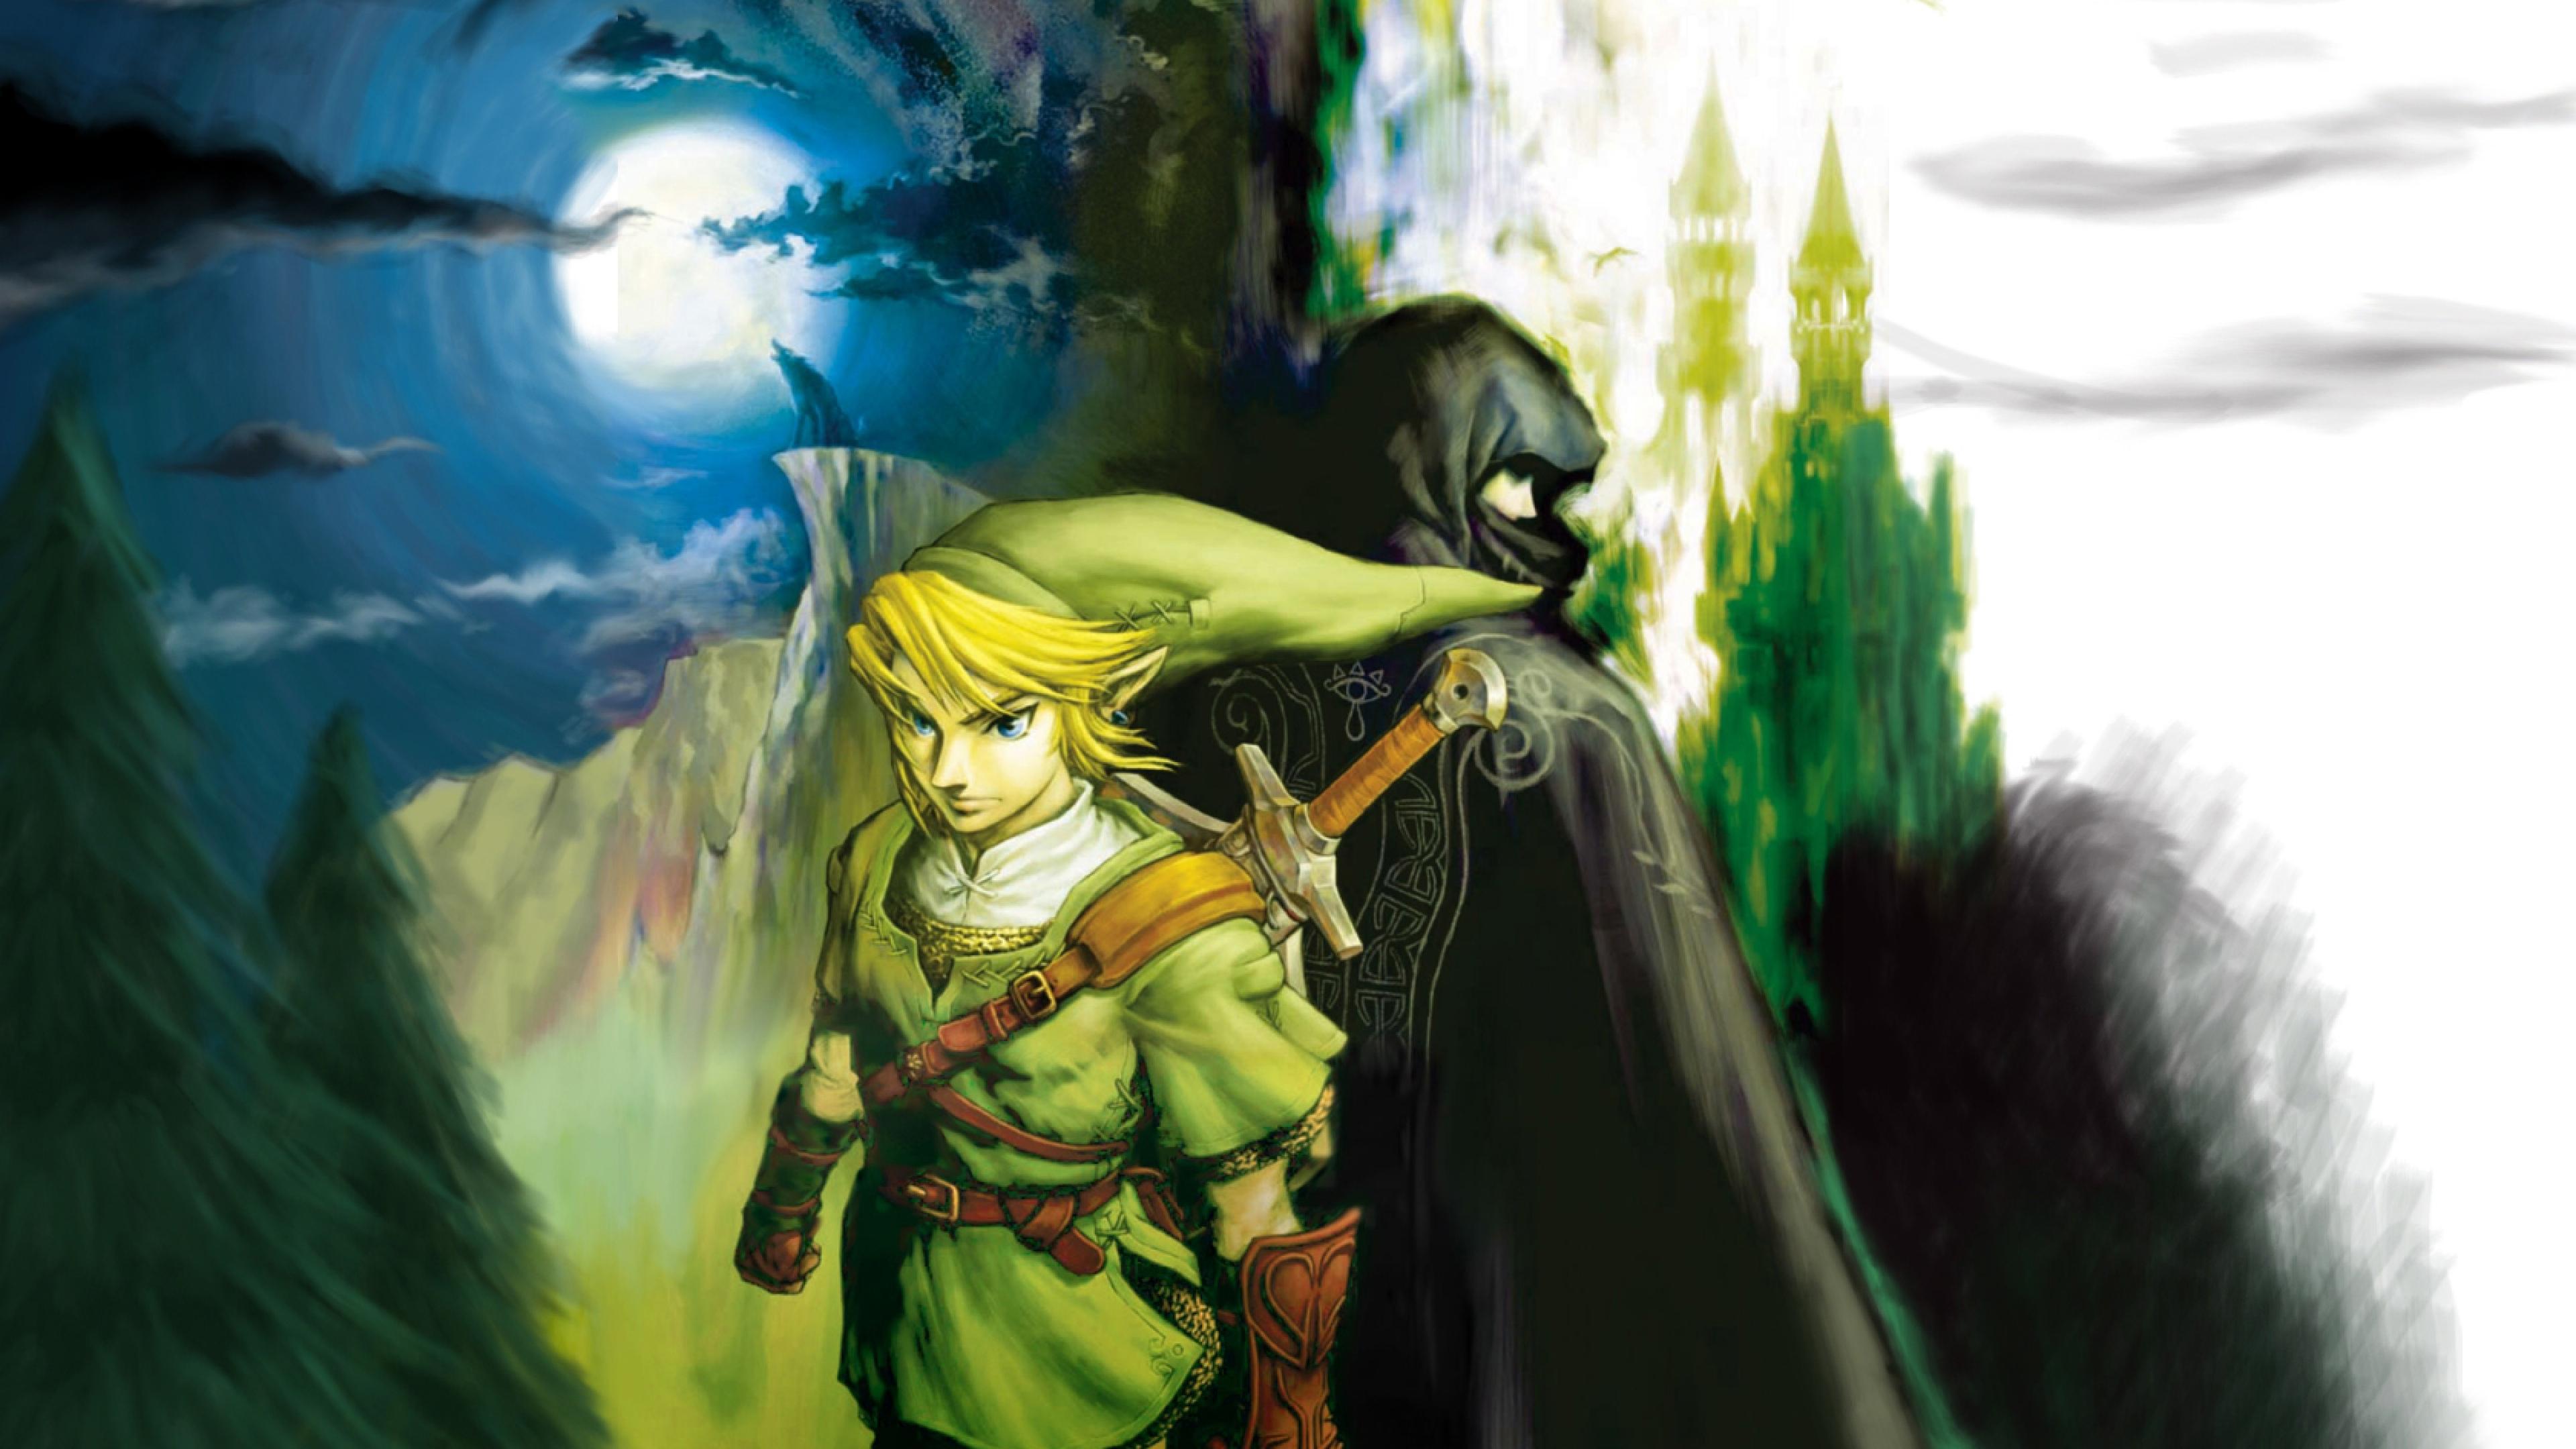 Download Wallpaper 3840x2160 the legend of zelda character elf arm 3840x2160